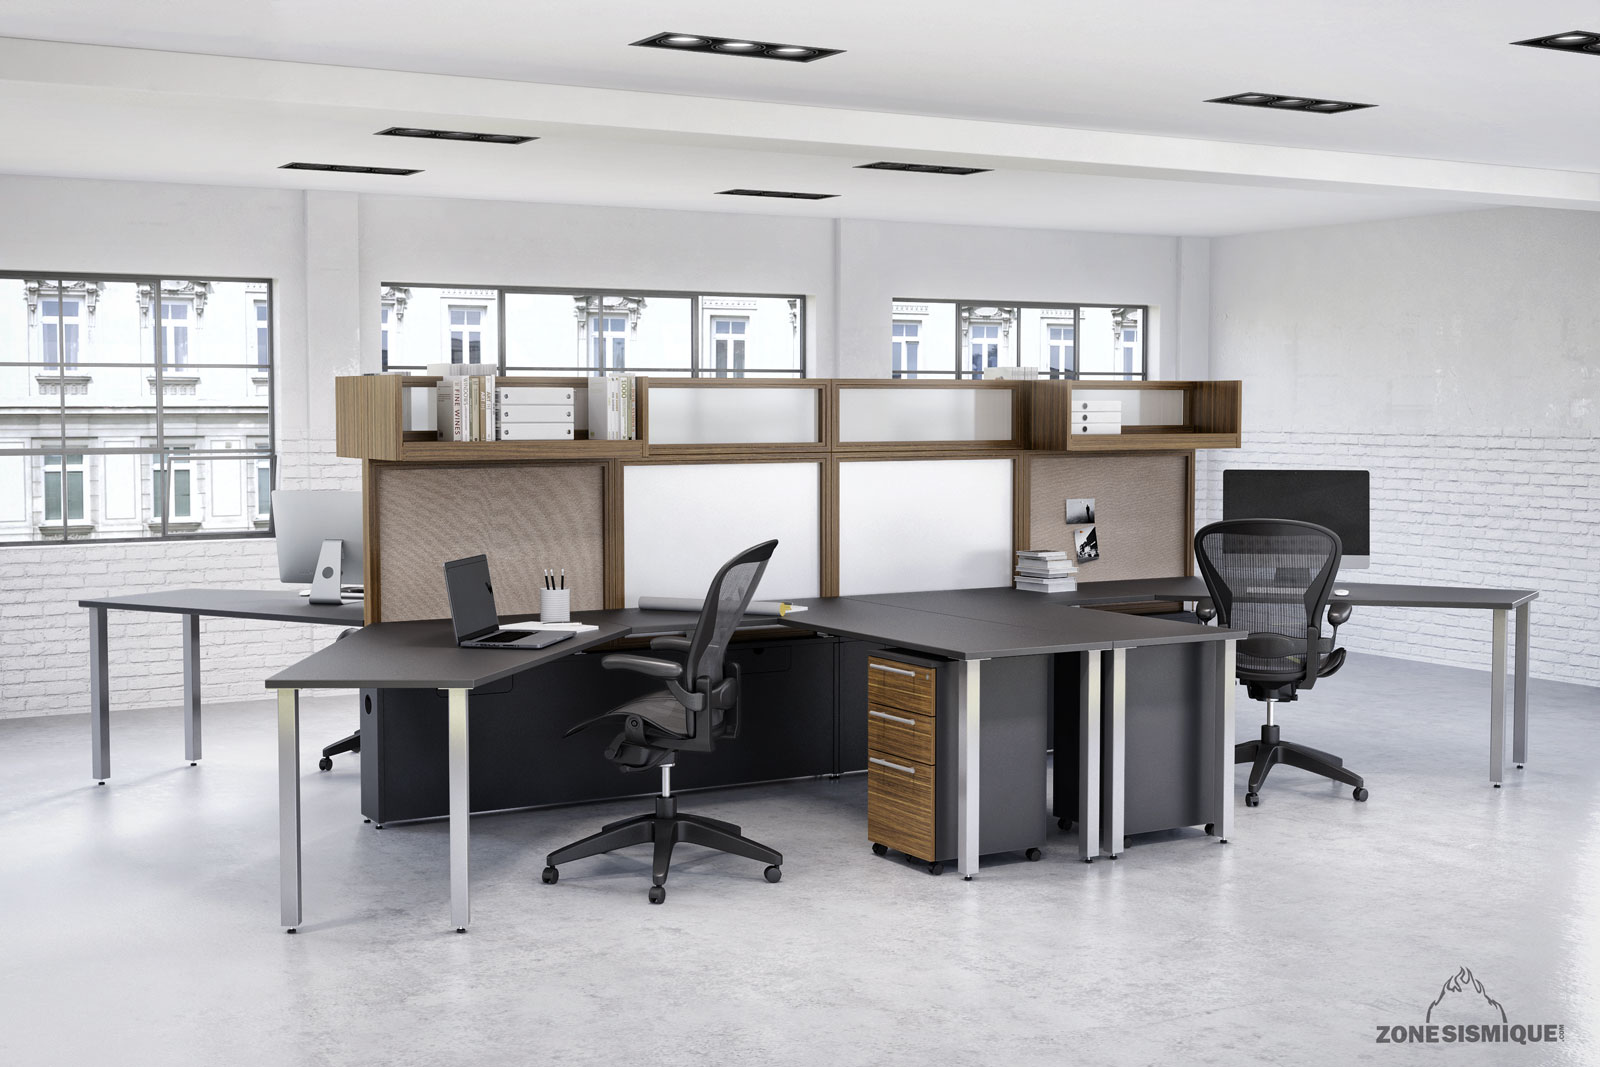 Zone sismique inotec bureau 3d ypc 607 zone sismique : design